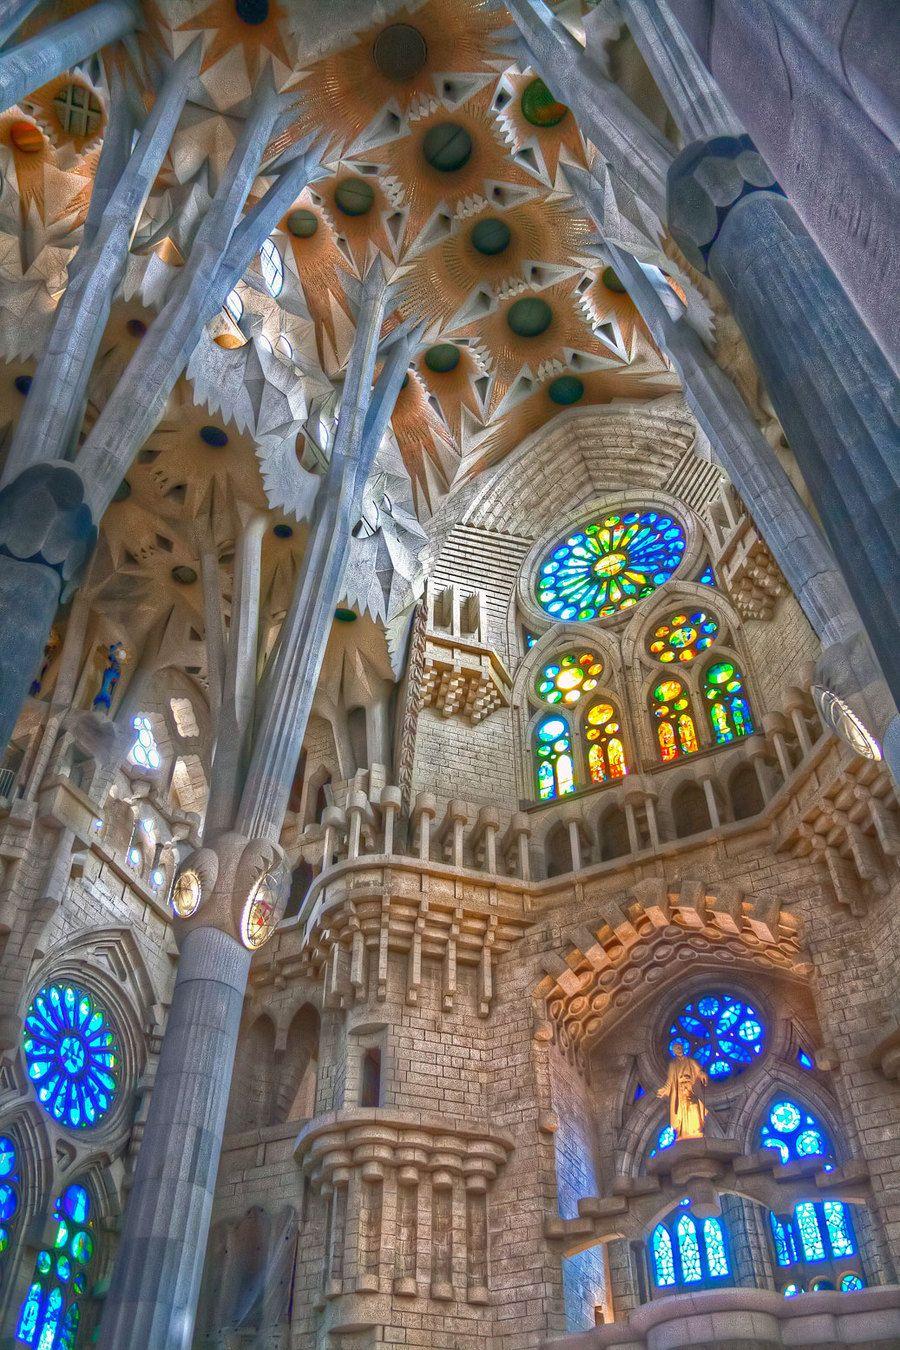 interior of sagrada familia in barcelona | Spanien, Architektur und ...